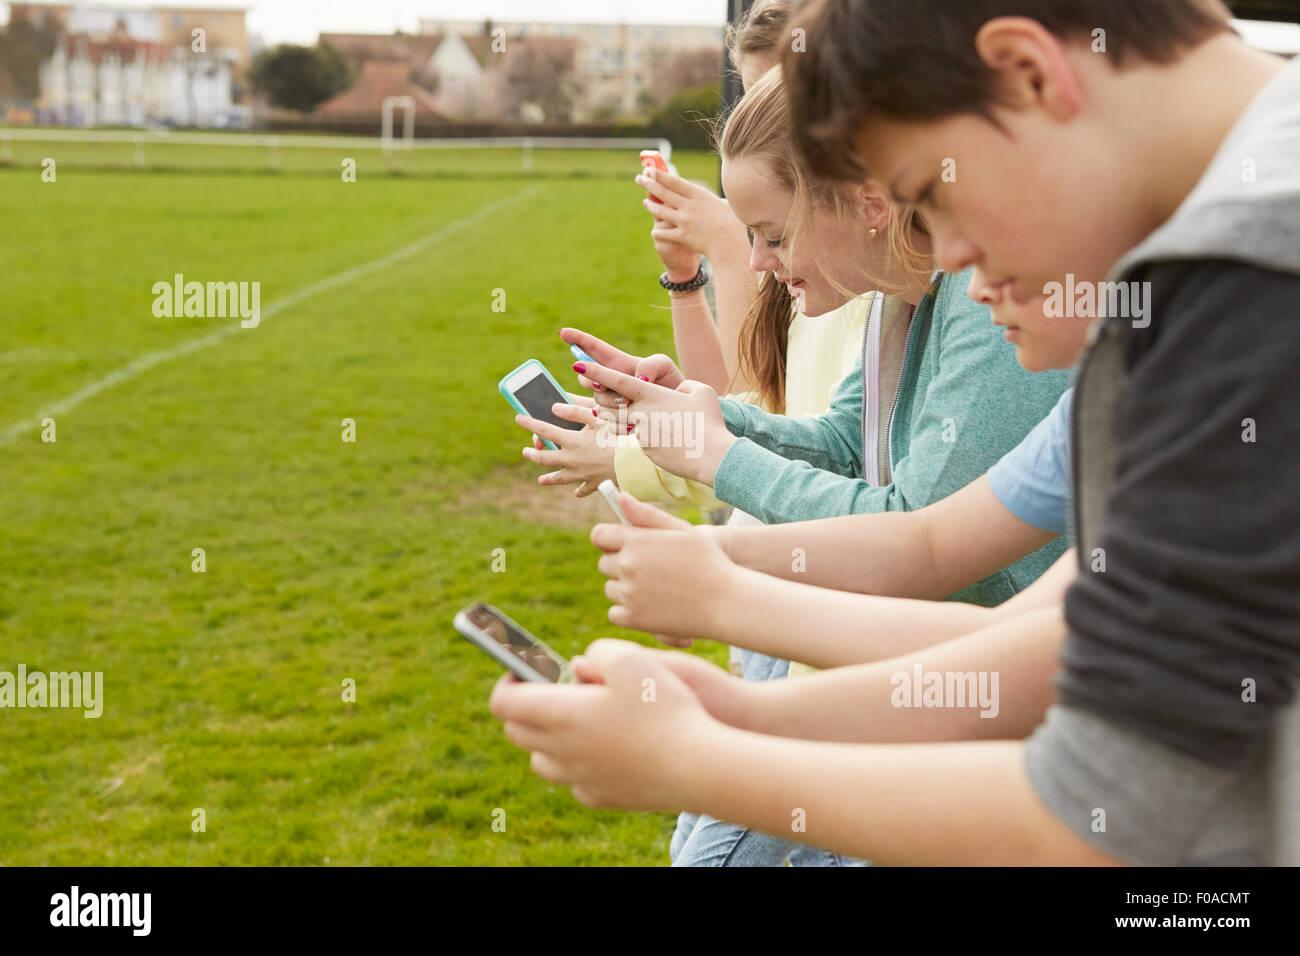 Fila de cinco niños y niñas smartphone leer mensajes de texto al campo de fútbol Imagen De Stock